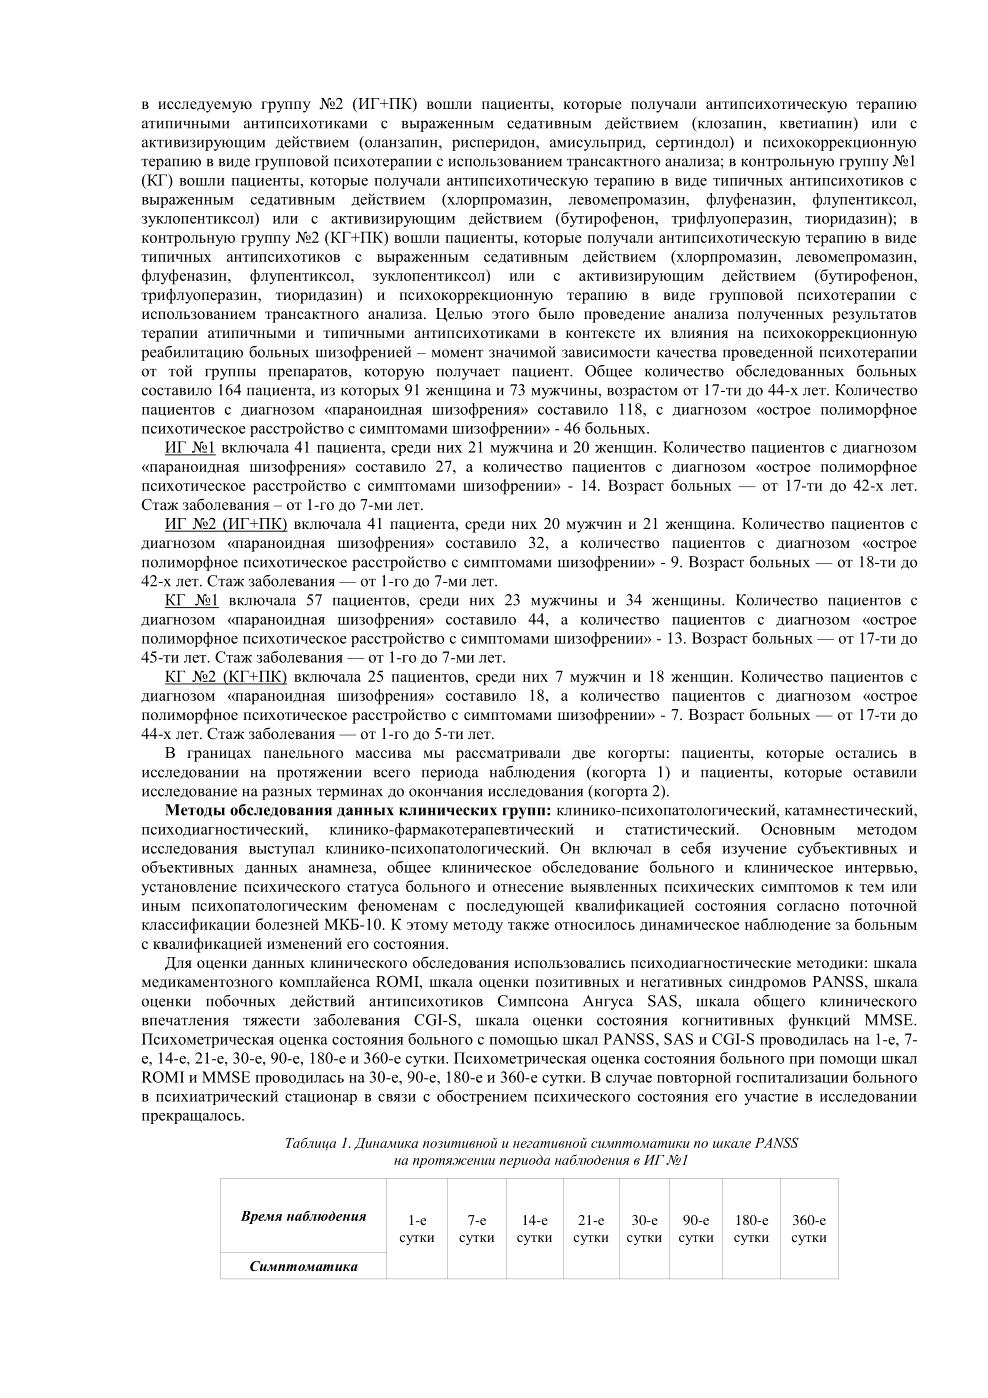 Острое шизофреноподобное психотическое расстройство - симптомы болезни, профилактика и лечение острого шизофреноподобного психотического расстройства, причины заболевания и его диагностика на eurolab